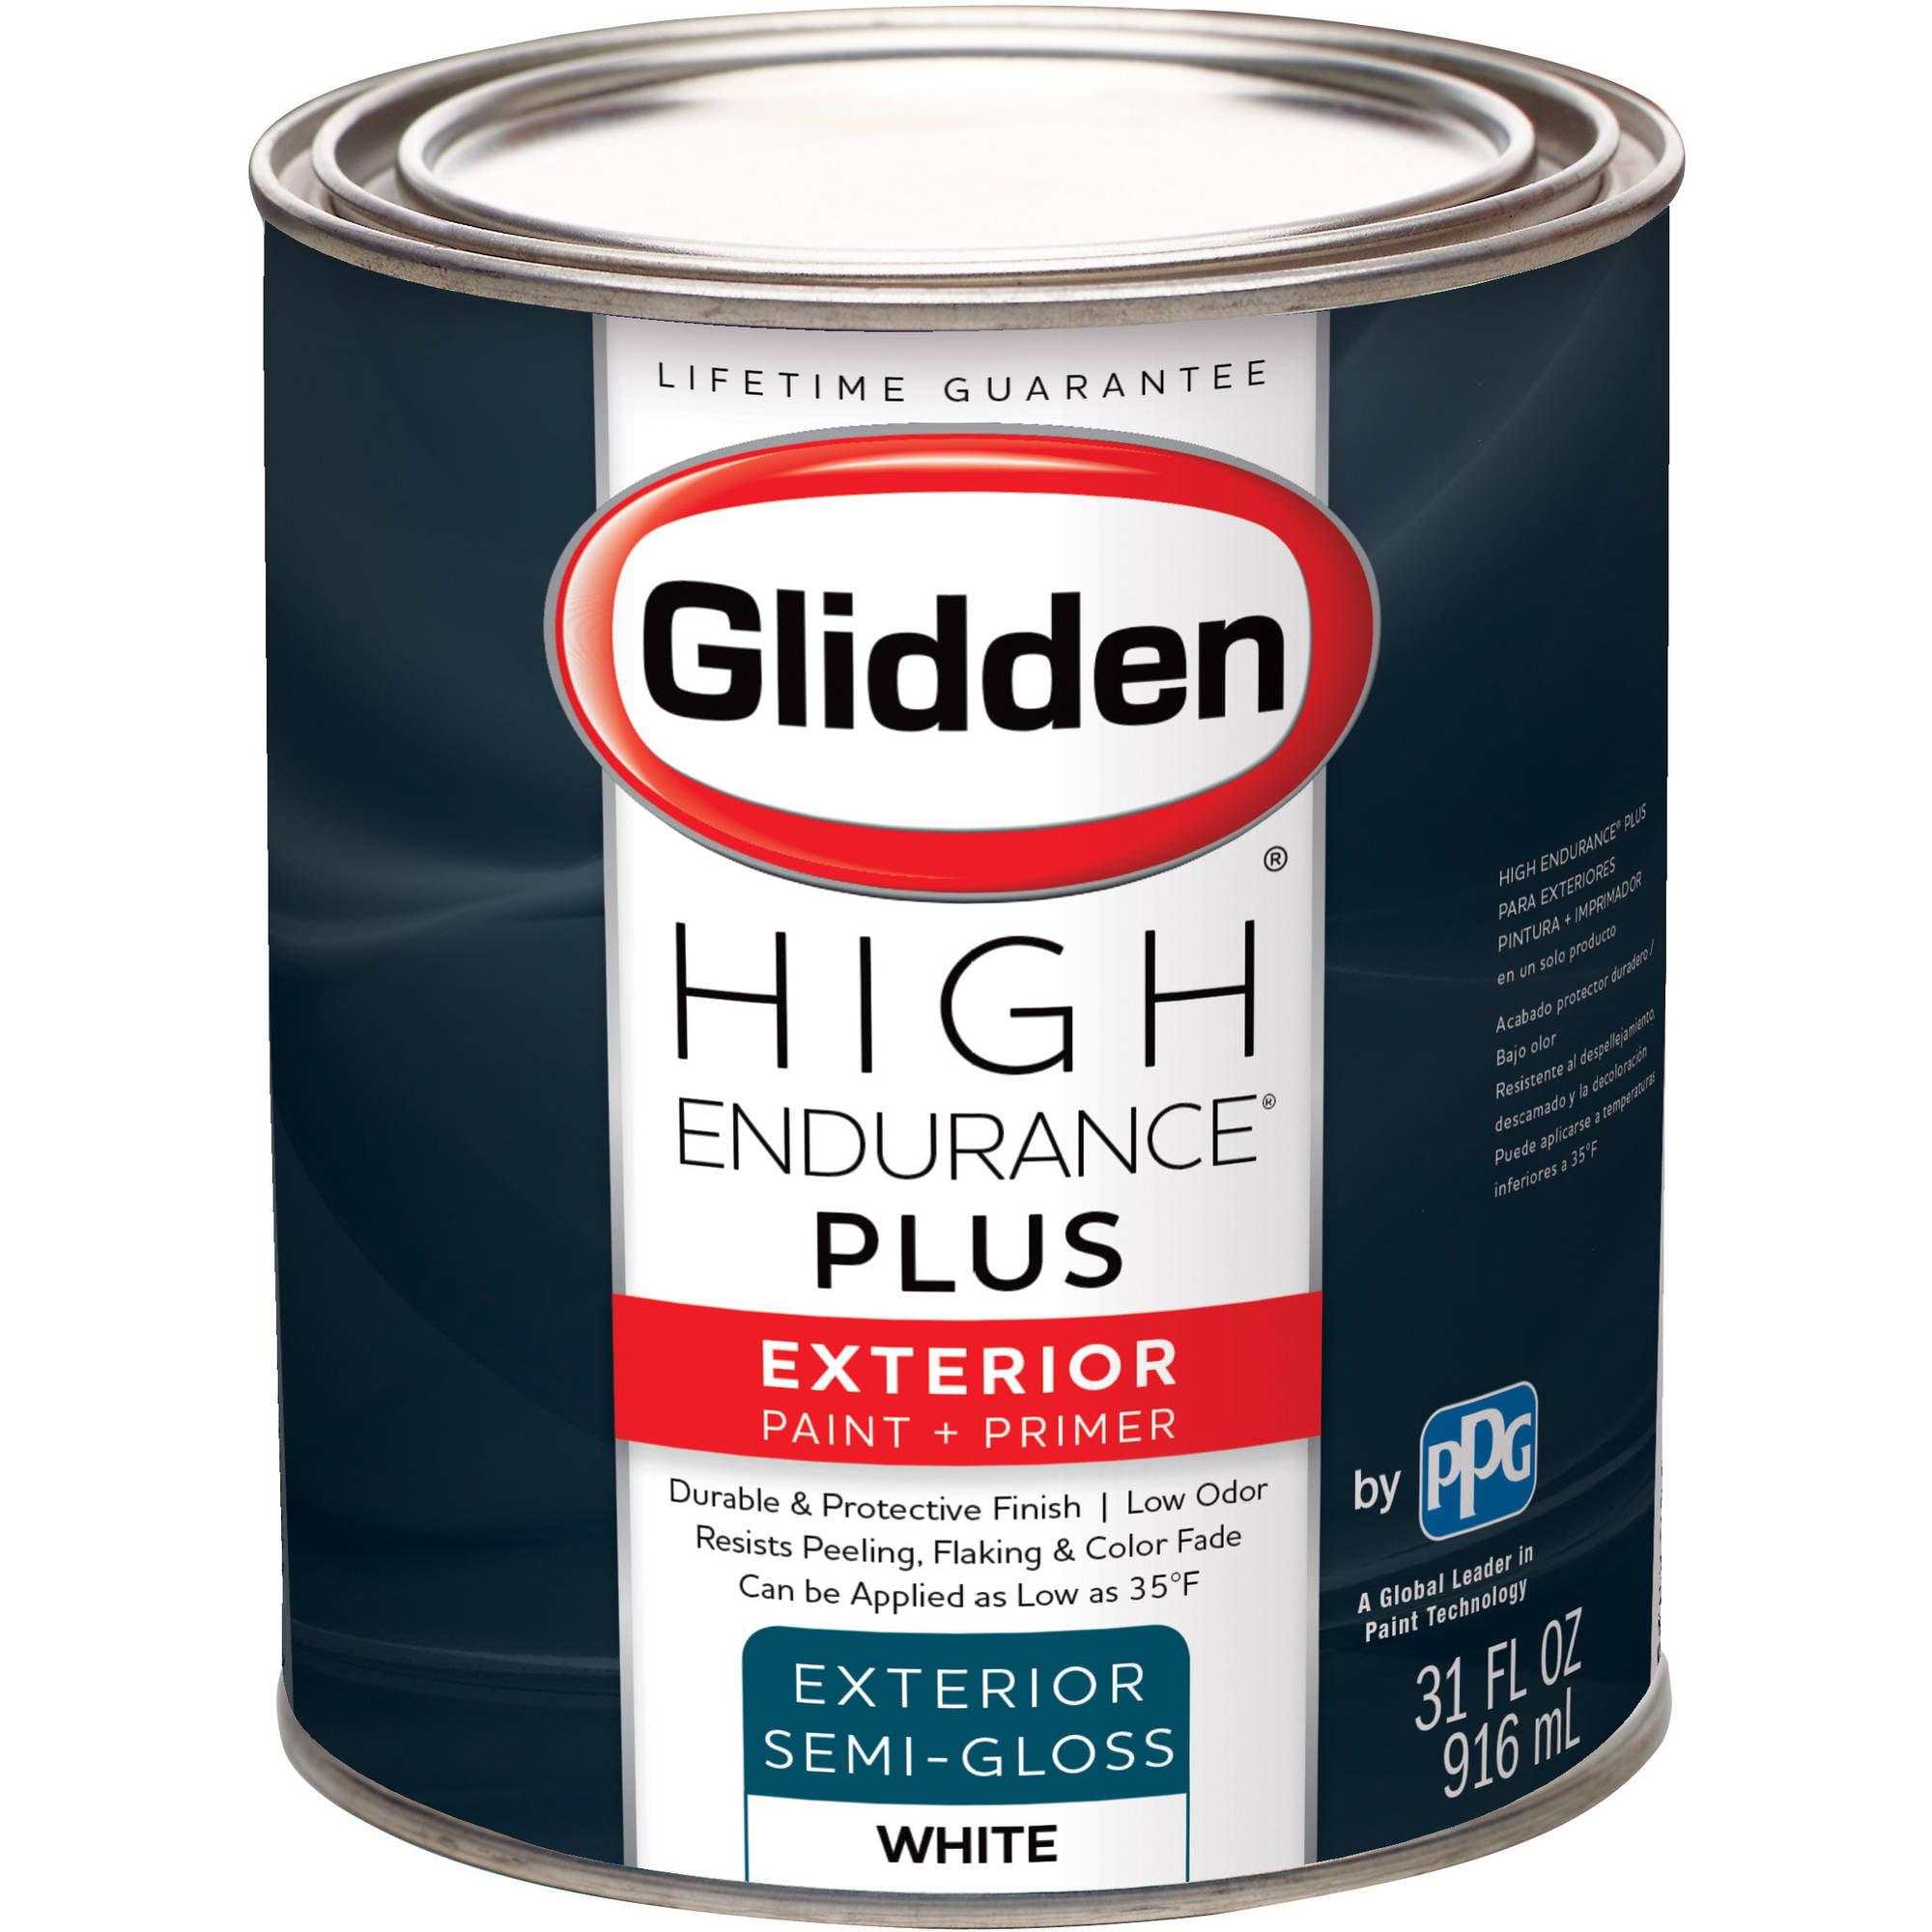 Glidden door trim paint black high gloss interior for Gloss paint for trim